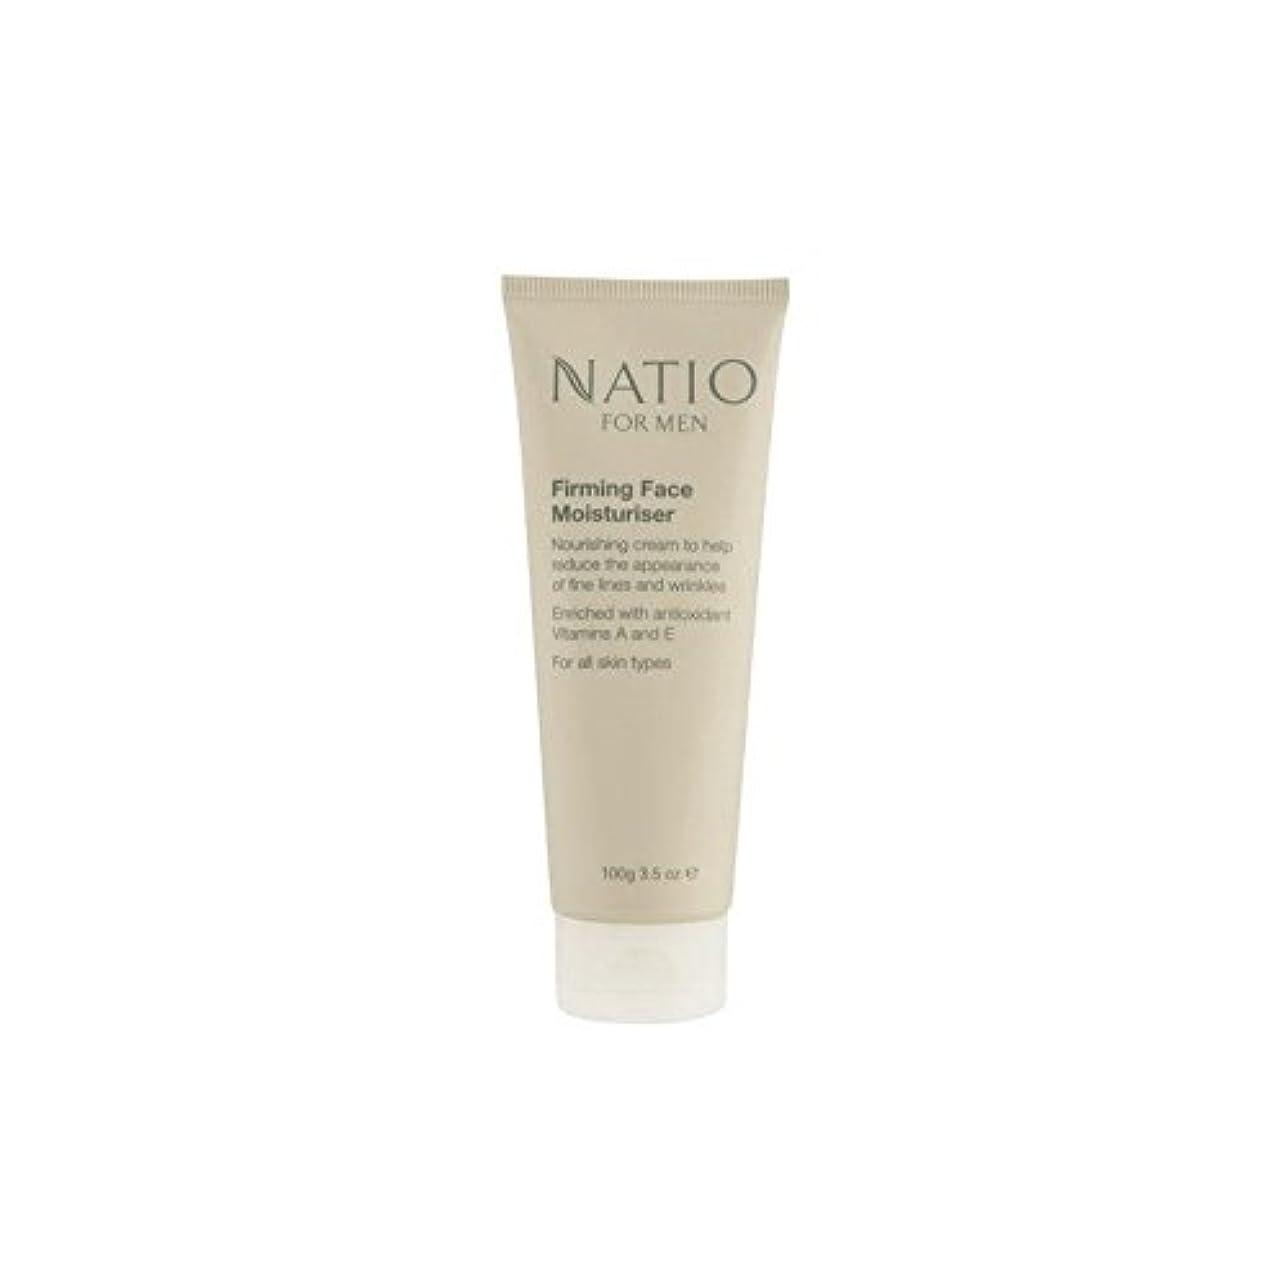 コールド工業用実装する顔の保湿剤を引き締め男性のための(100グラム) x4 - Natio For Men Firming Face Moisturiser (100G) (Pack of 4) [並行輸入品]